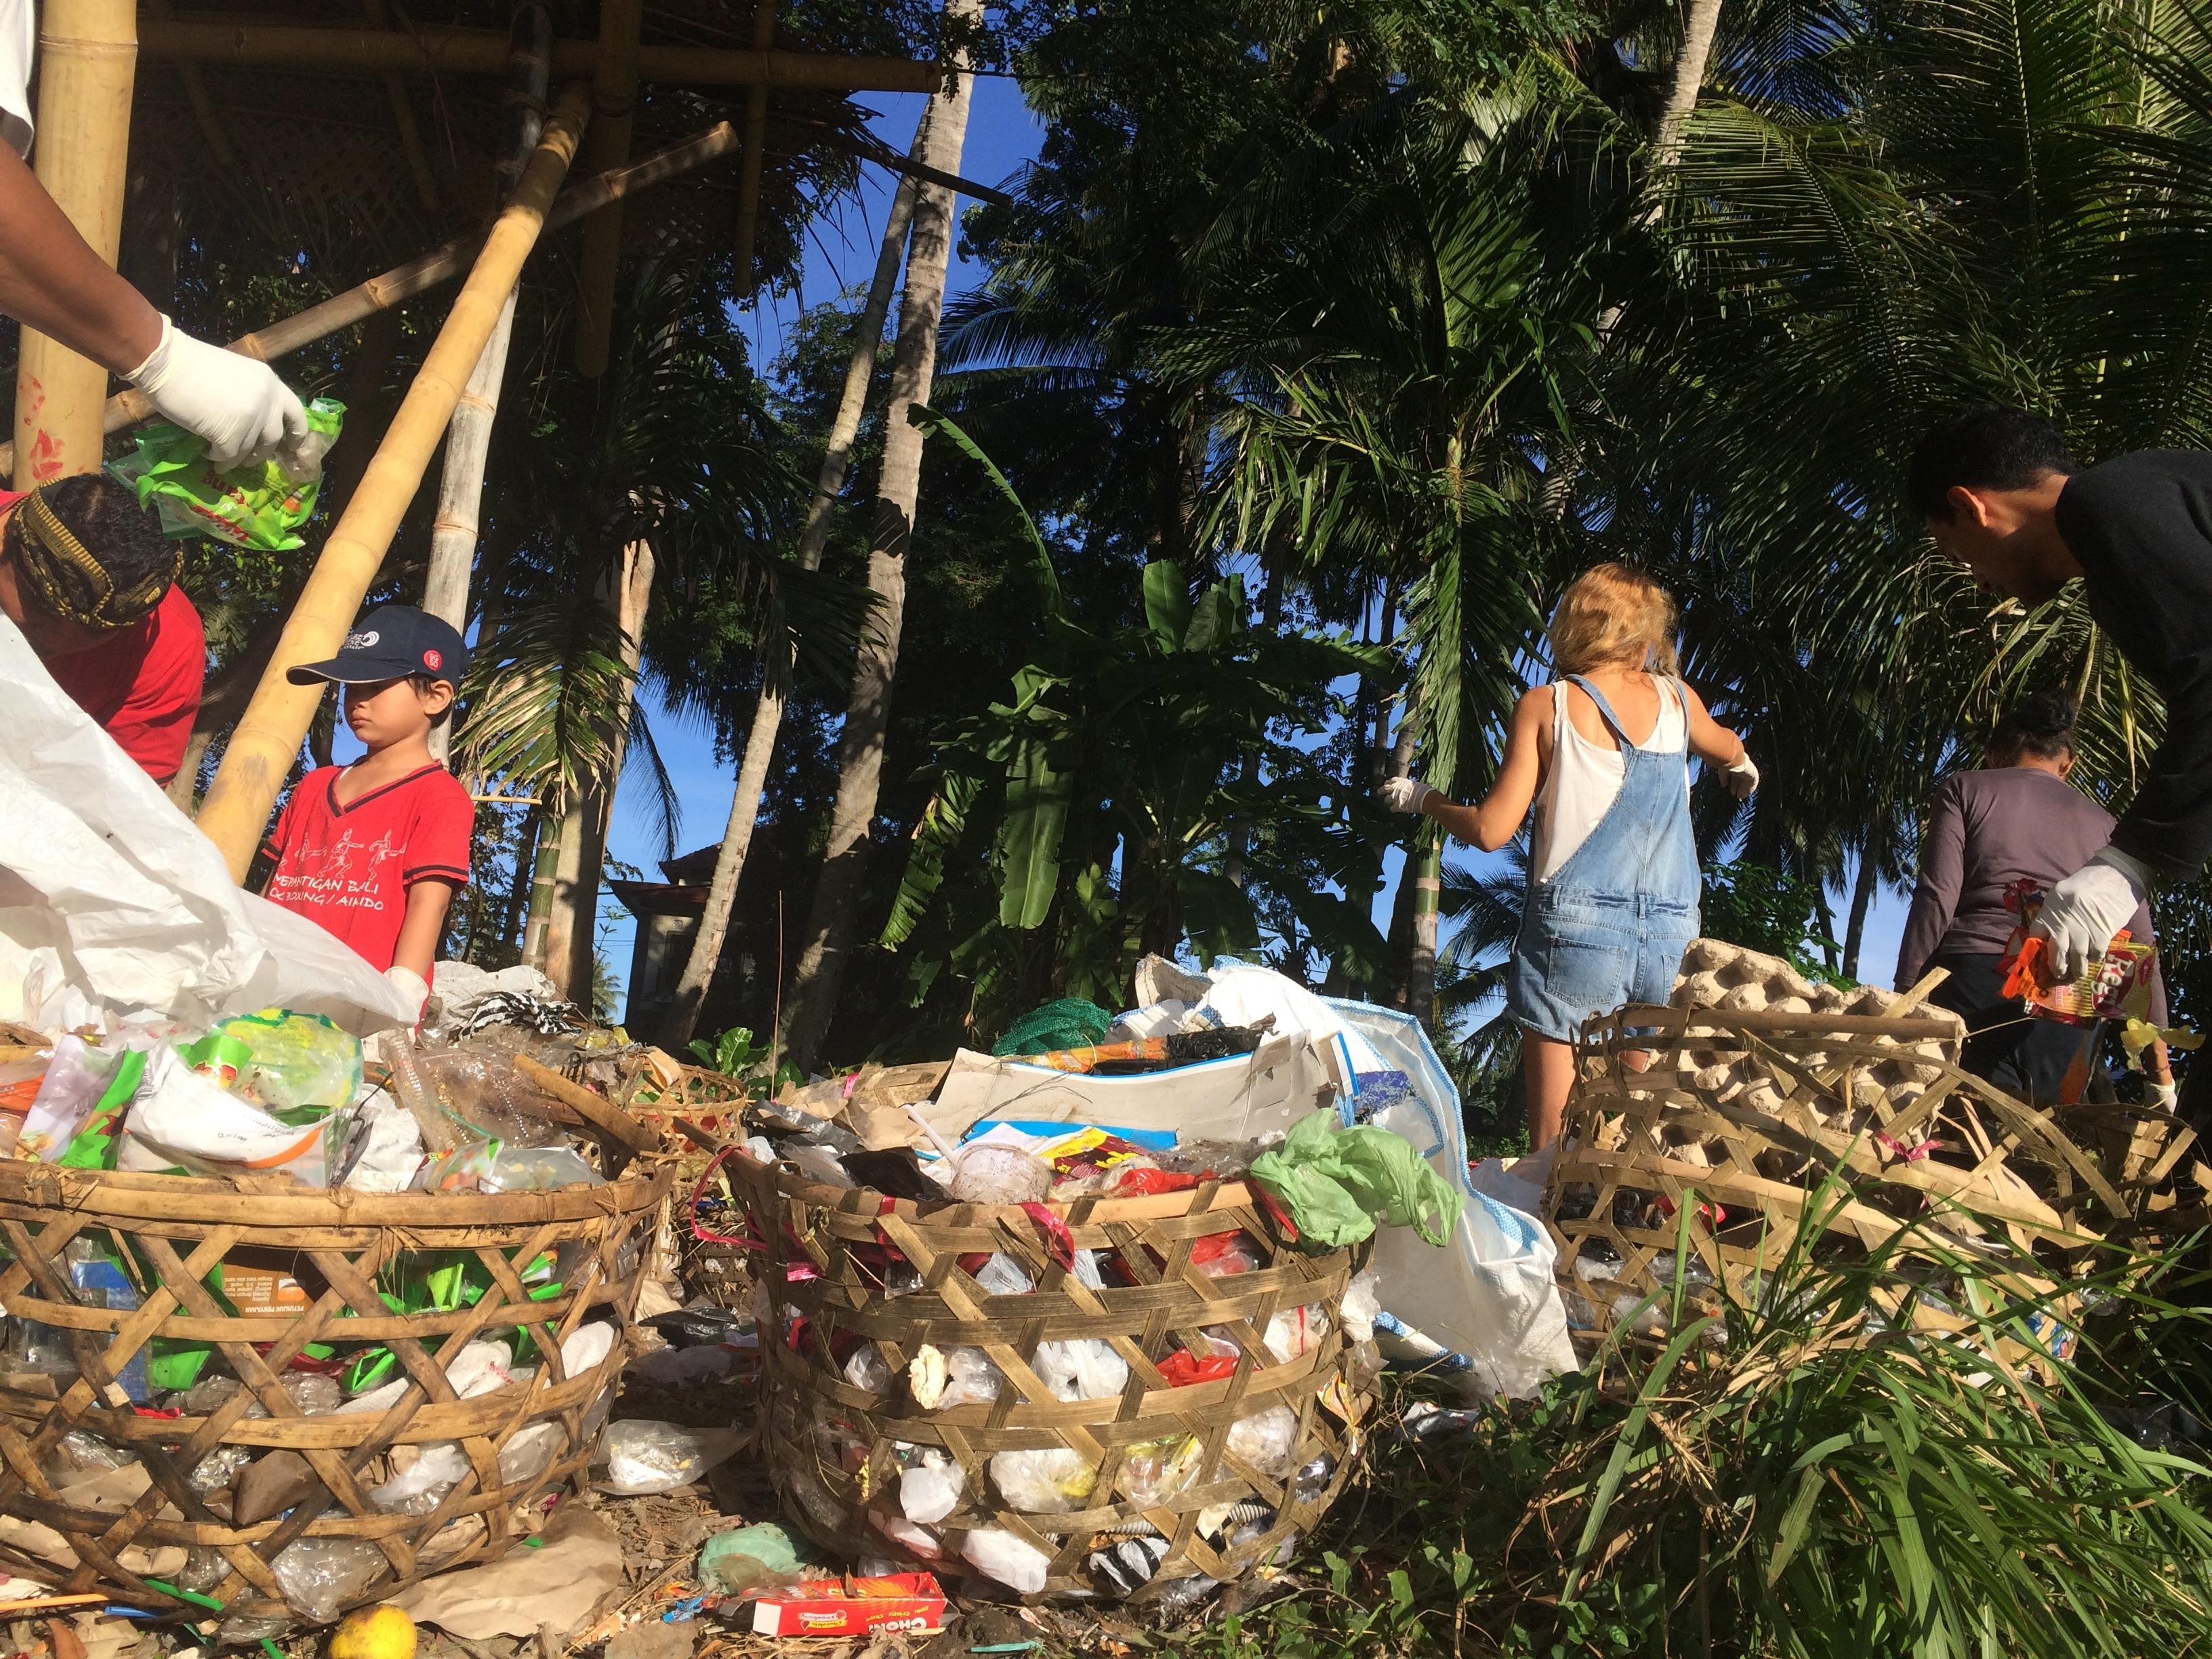 Sampah Jujur garbage stall at Sayan Market